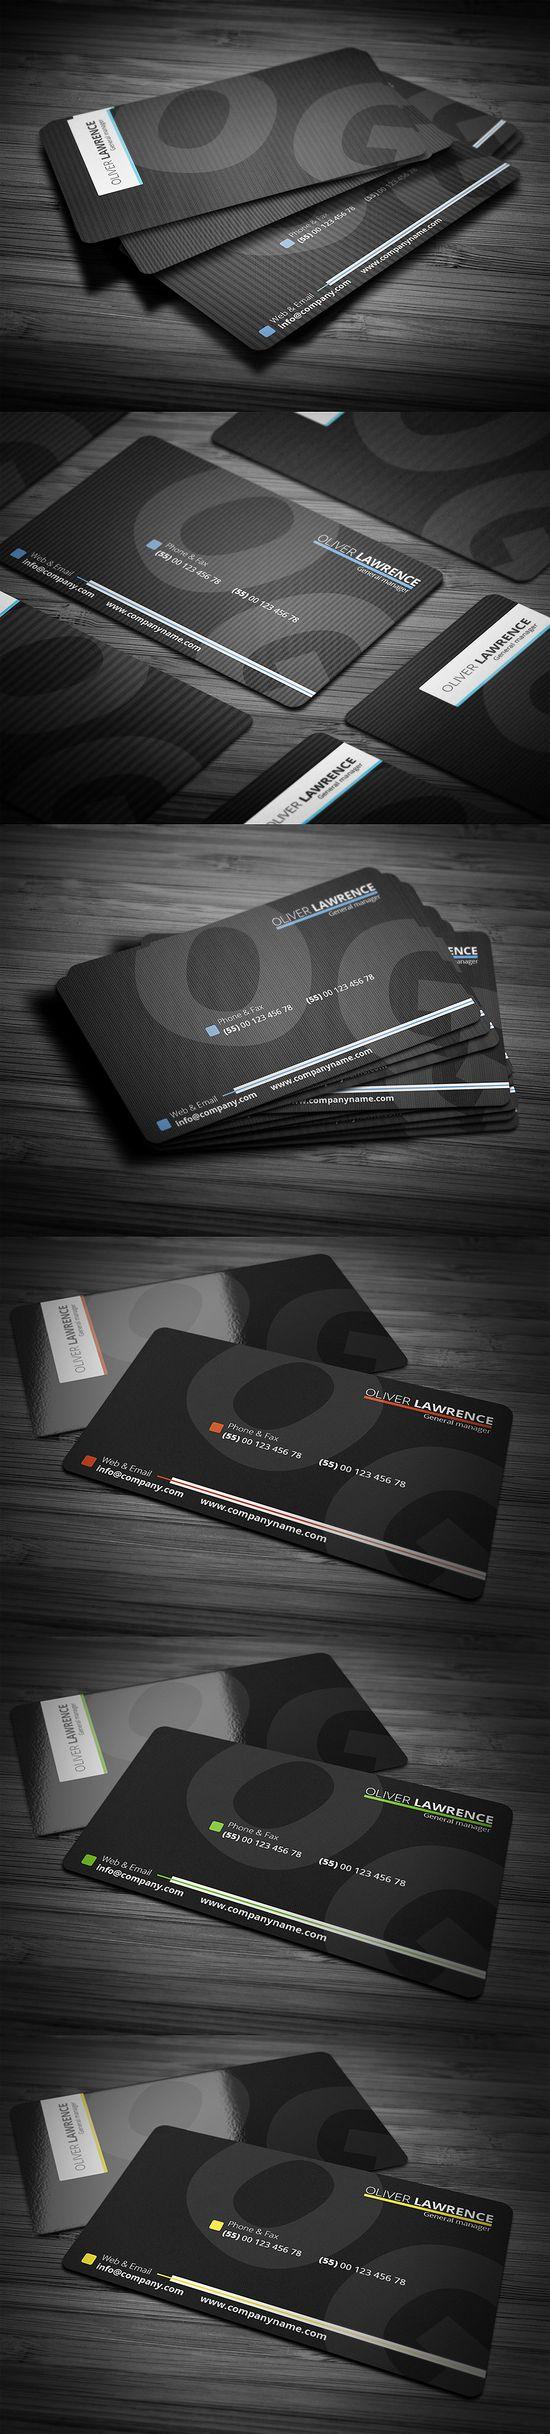 Line Pro Business Card - www.bce-online.co...